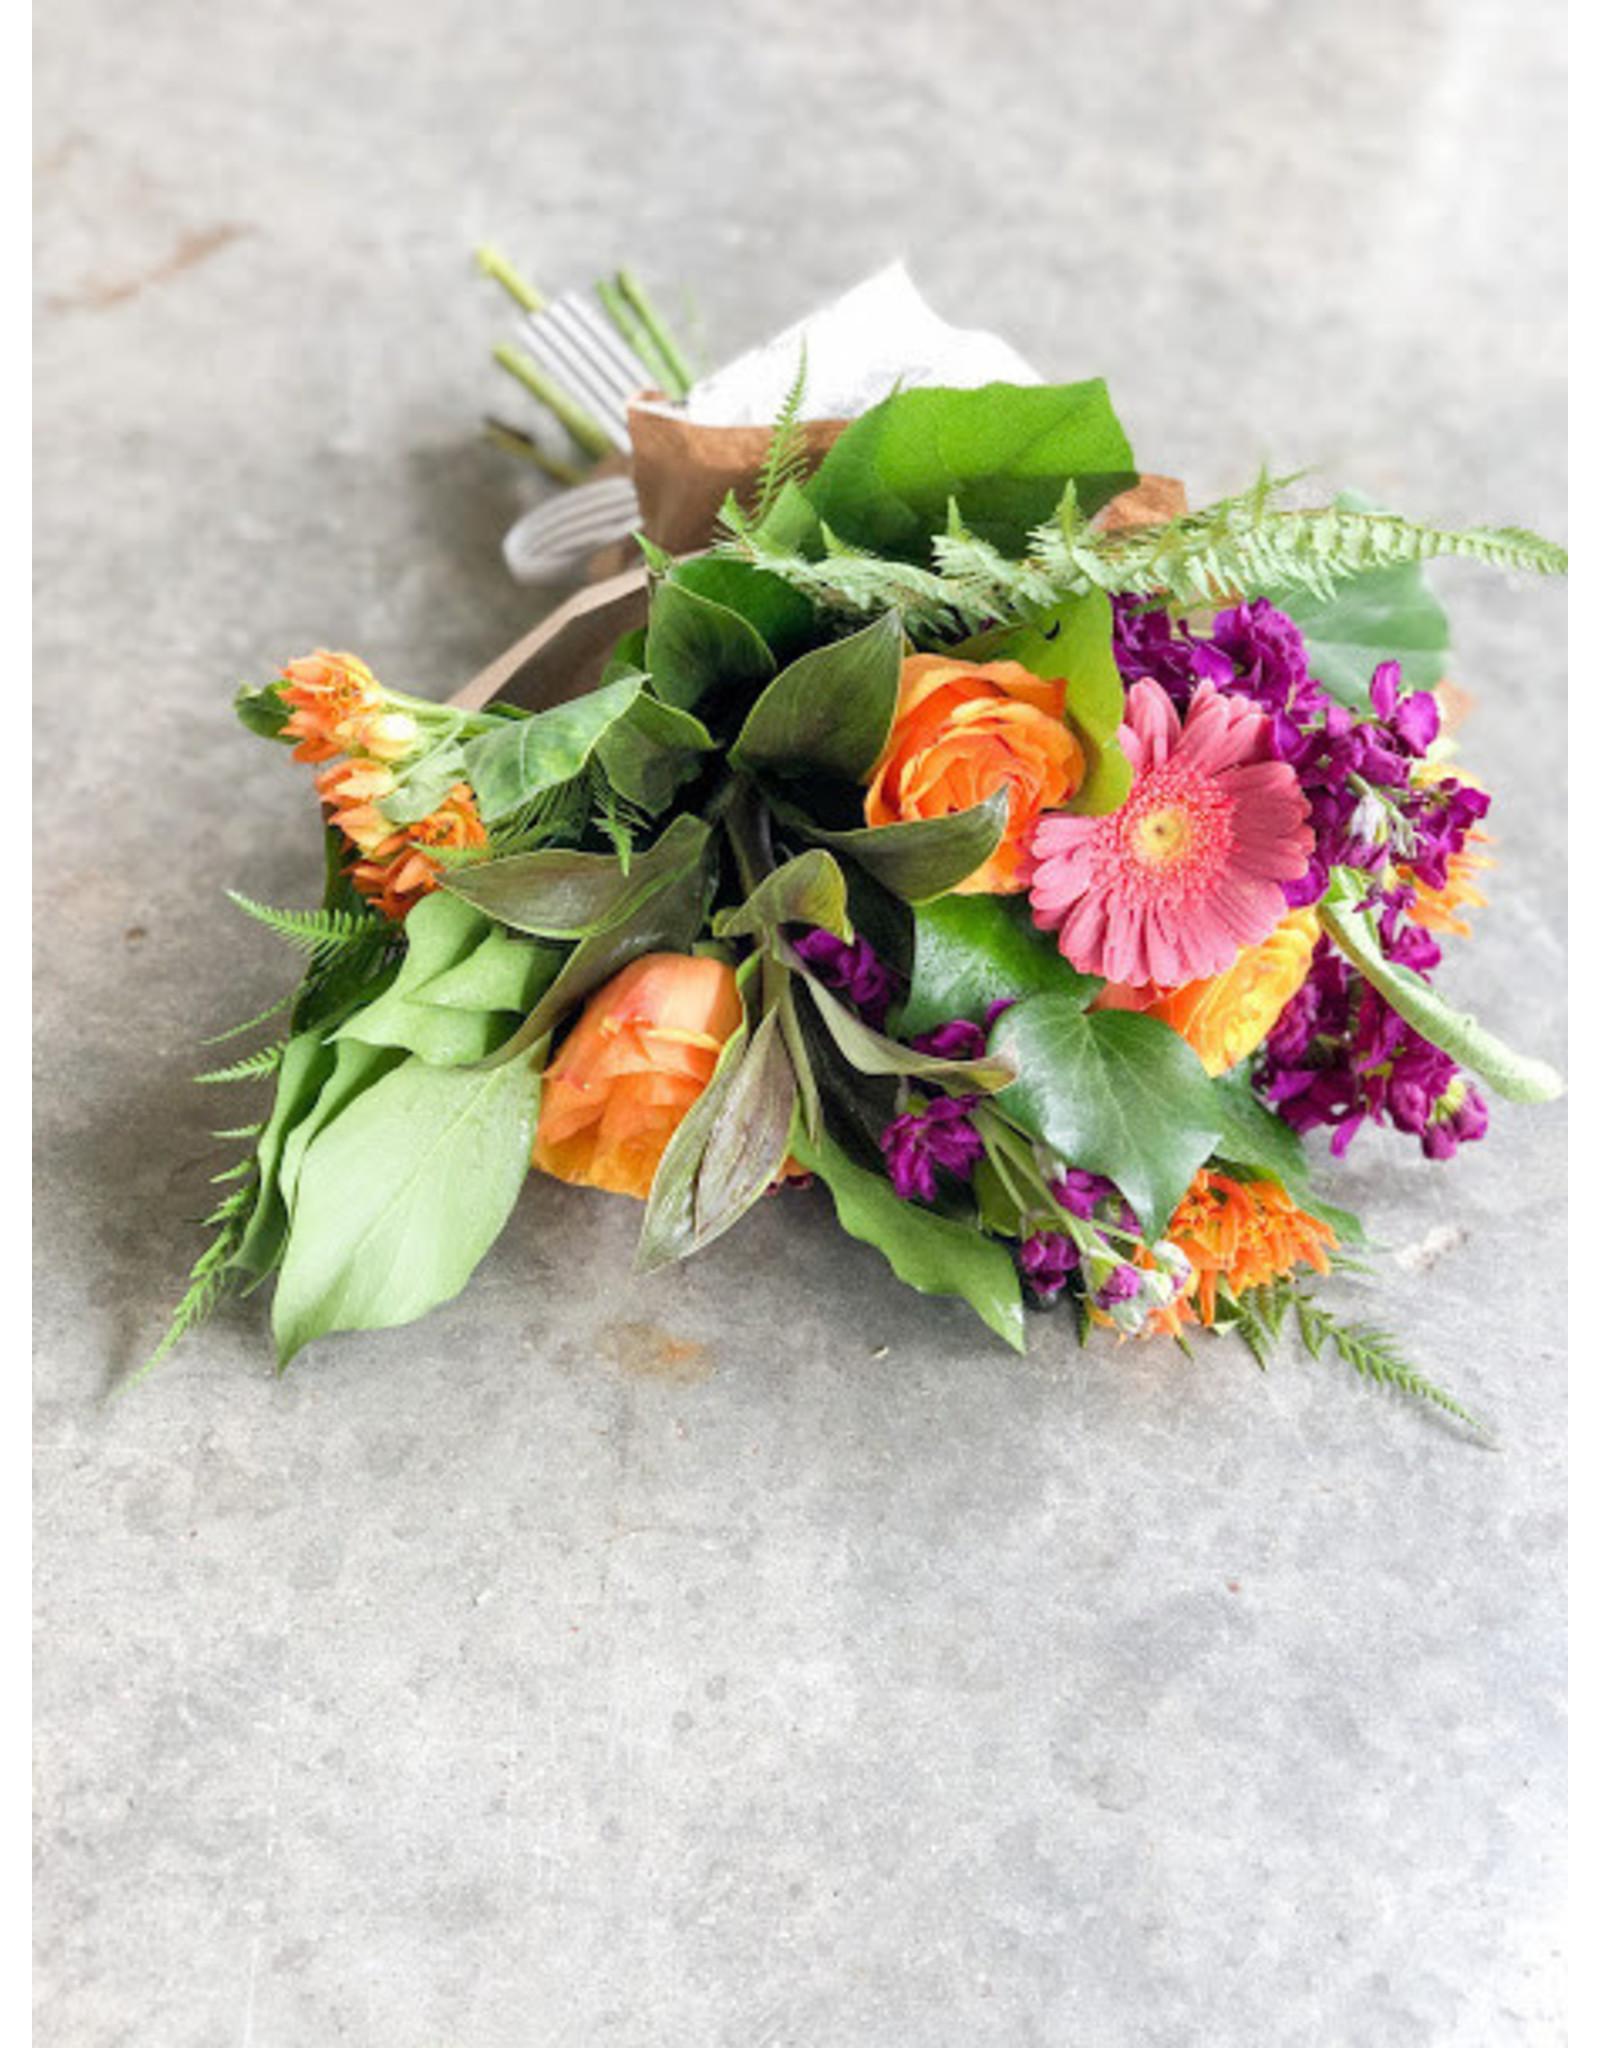 Charming Flower Bundle Subscription - 10.23.20